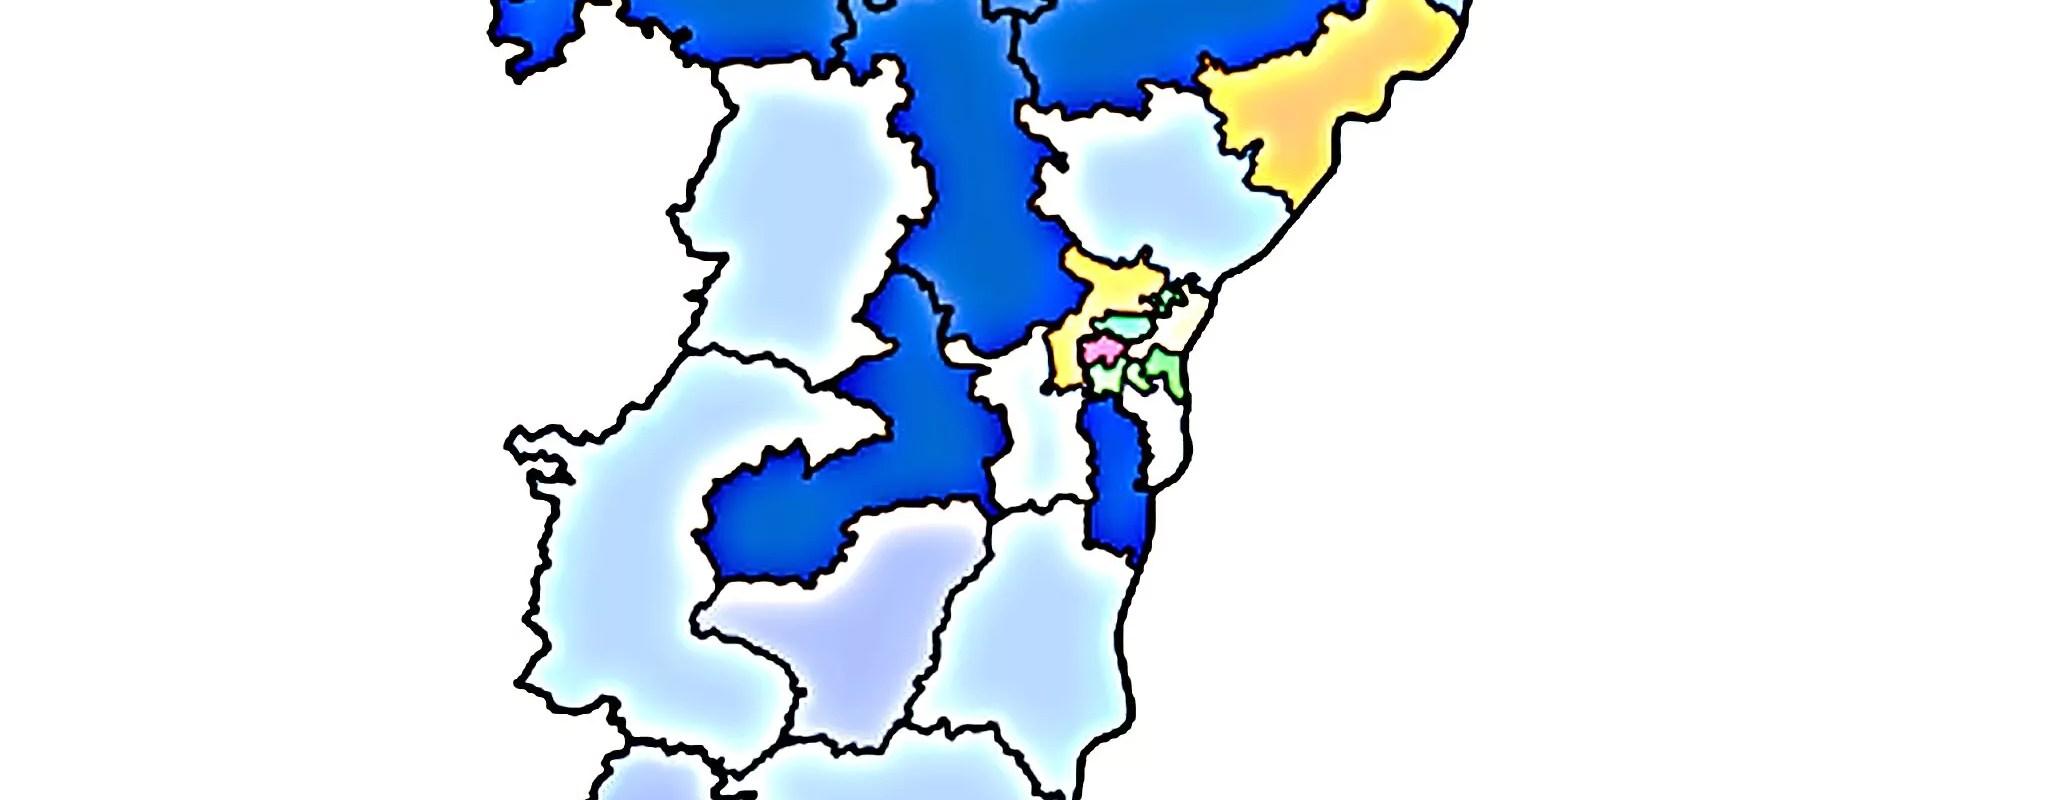 Départementales: confirmation des écologistes à Strasbourg, l'Alsace toujours ancrée à droite